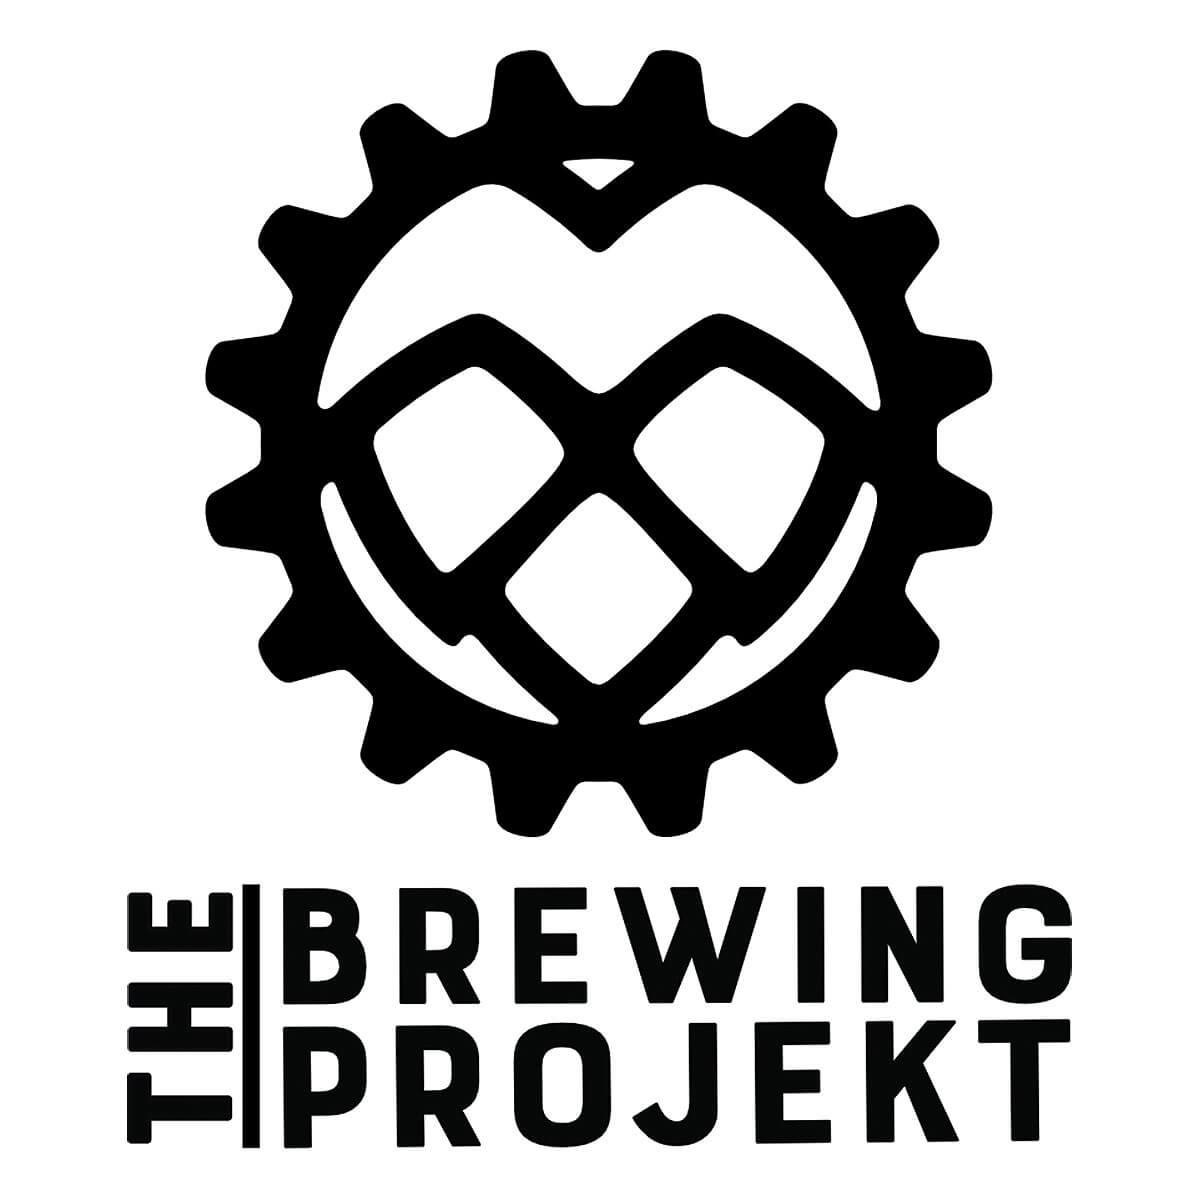 Brewing Projekt